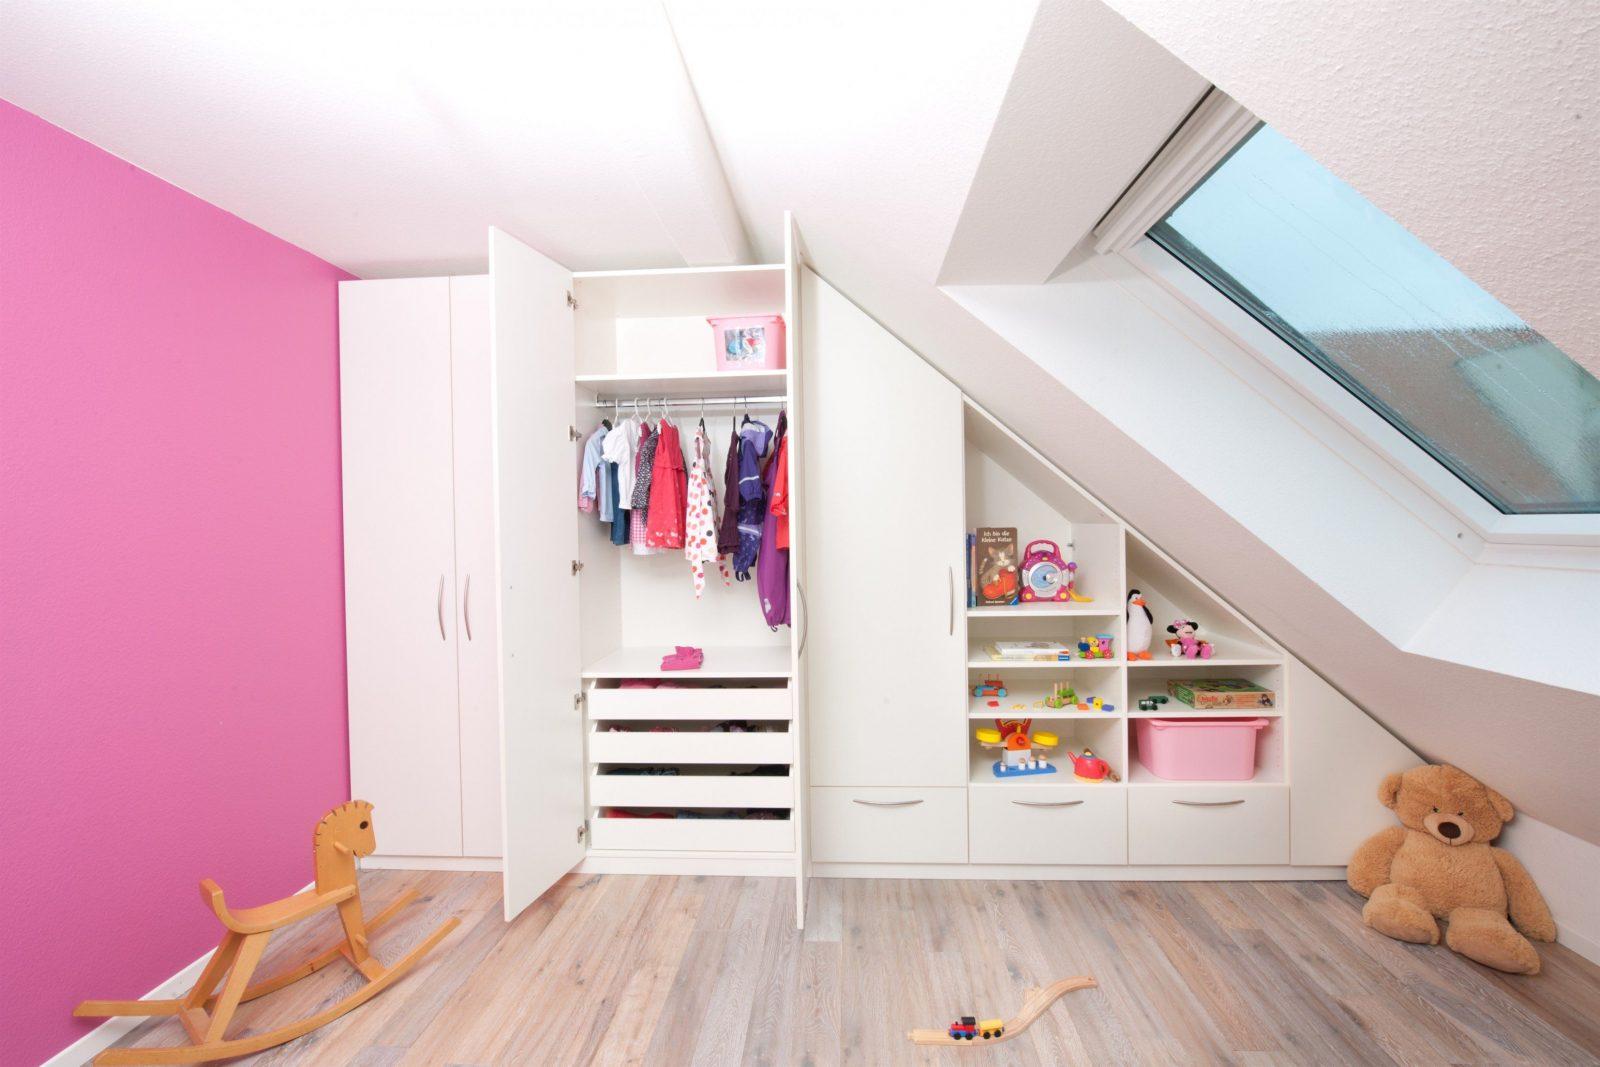 Wunderschöne Inspiration Kinderbett Dachschräge Und Phänomenale von Farbgestaltung Kinderzimmer Mit Dachschräge Bild